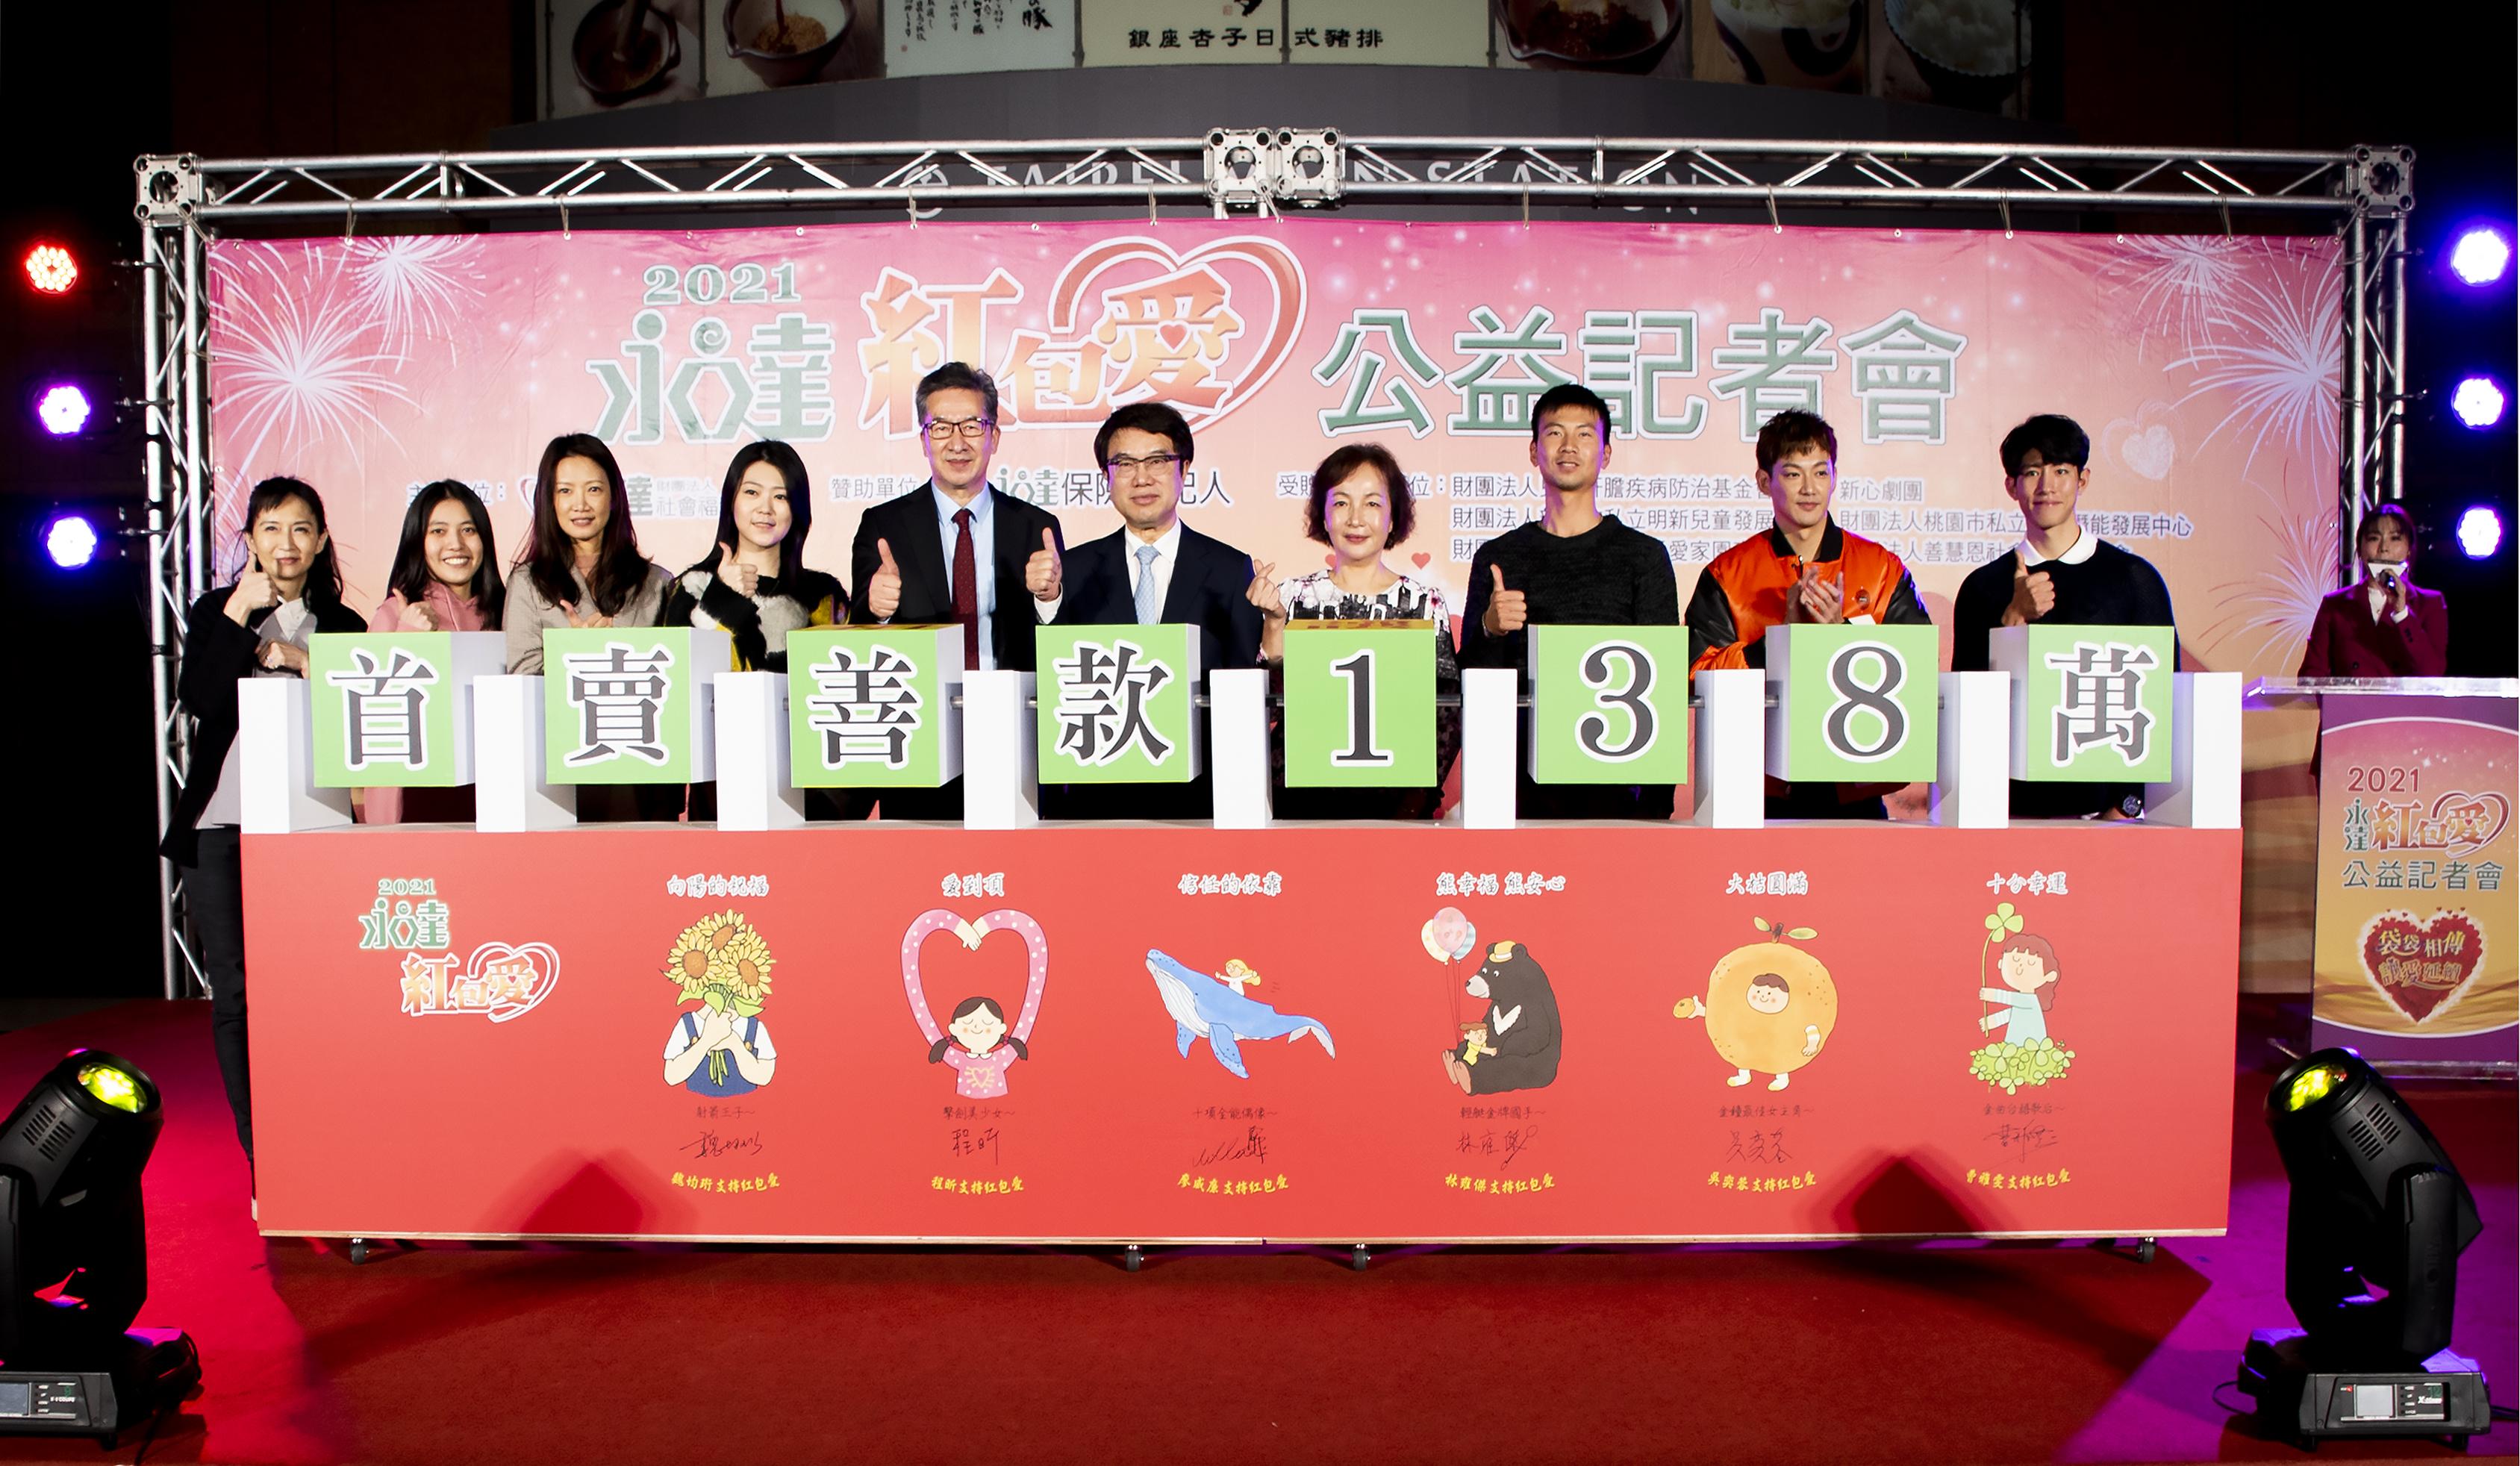 2021永達紅包愛在吳文永董事長及愛心大使的推廣下,首賣突破138萬獲得圓滿成功。